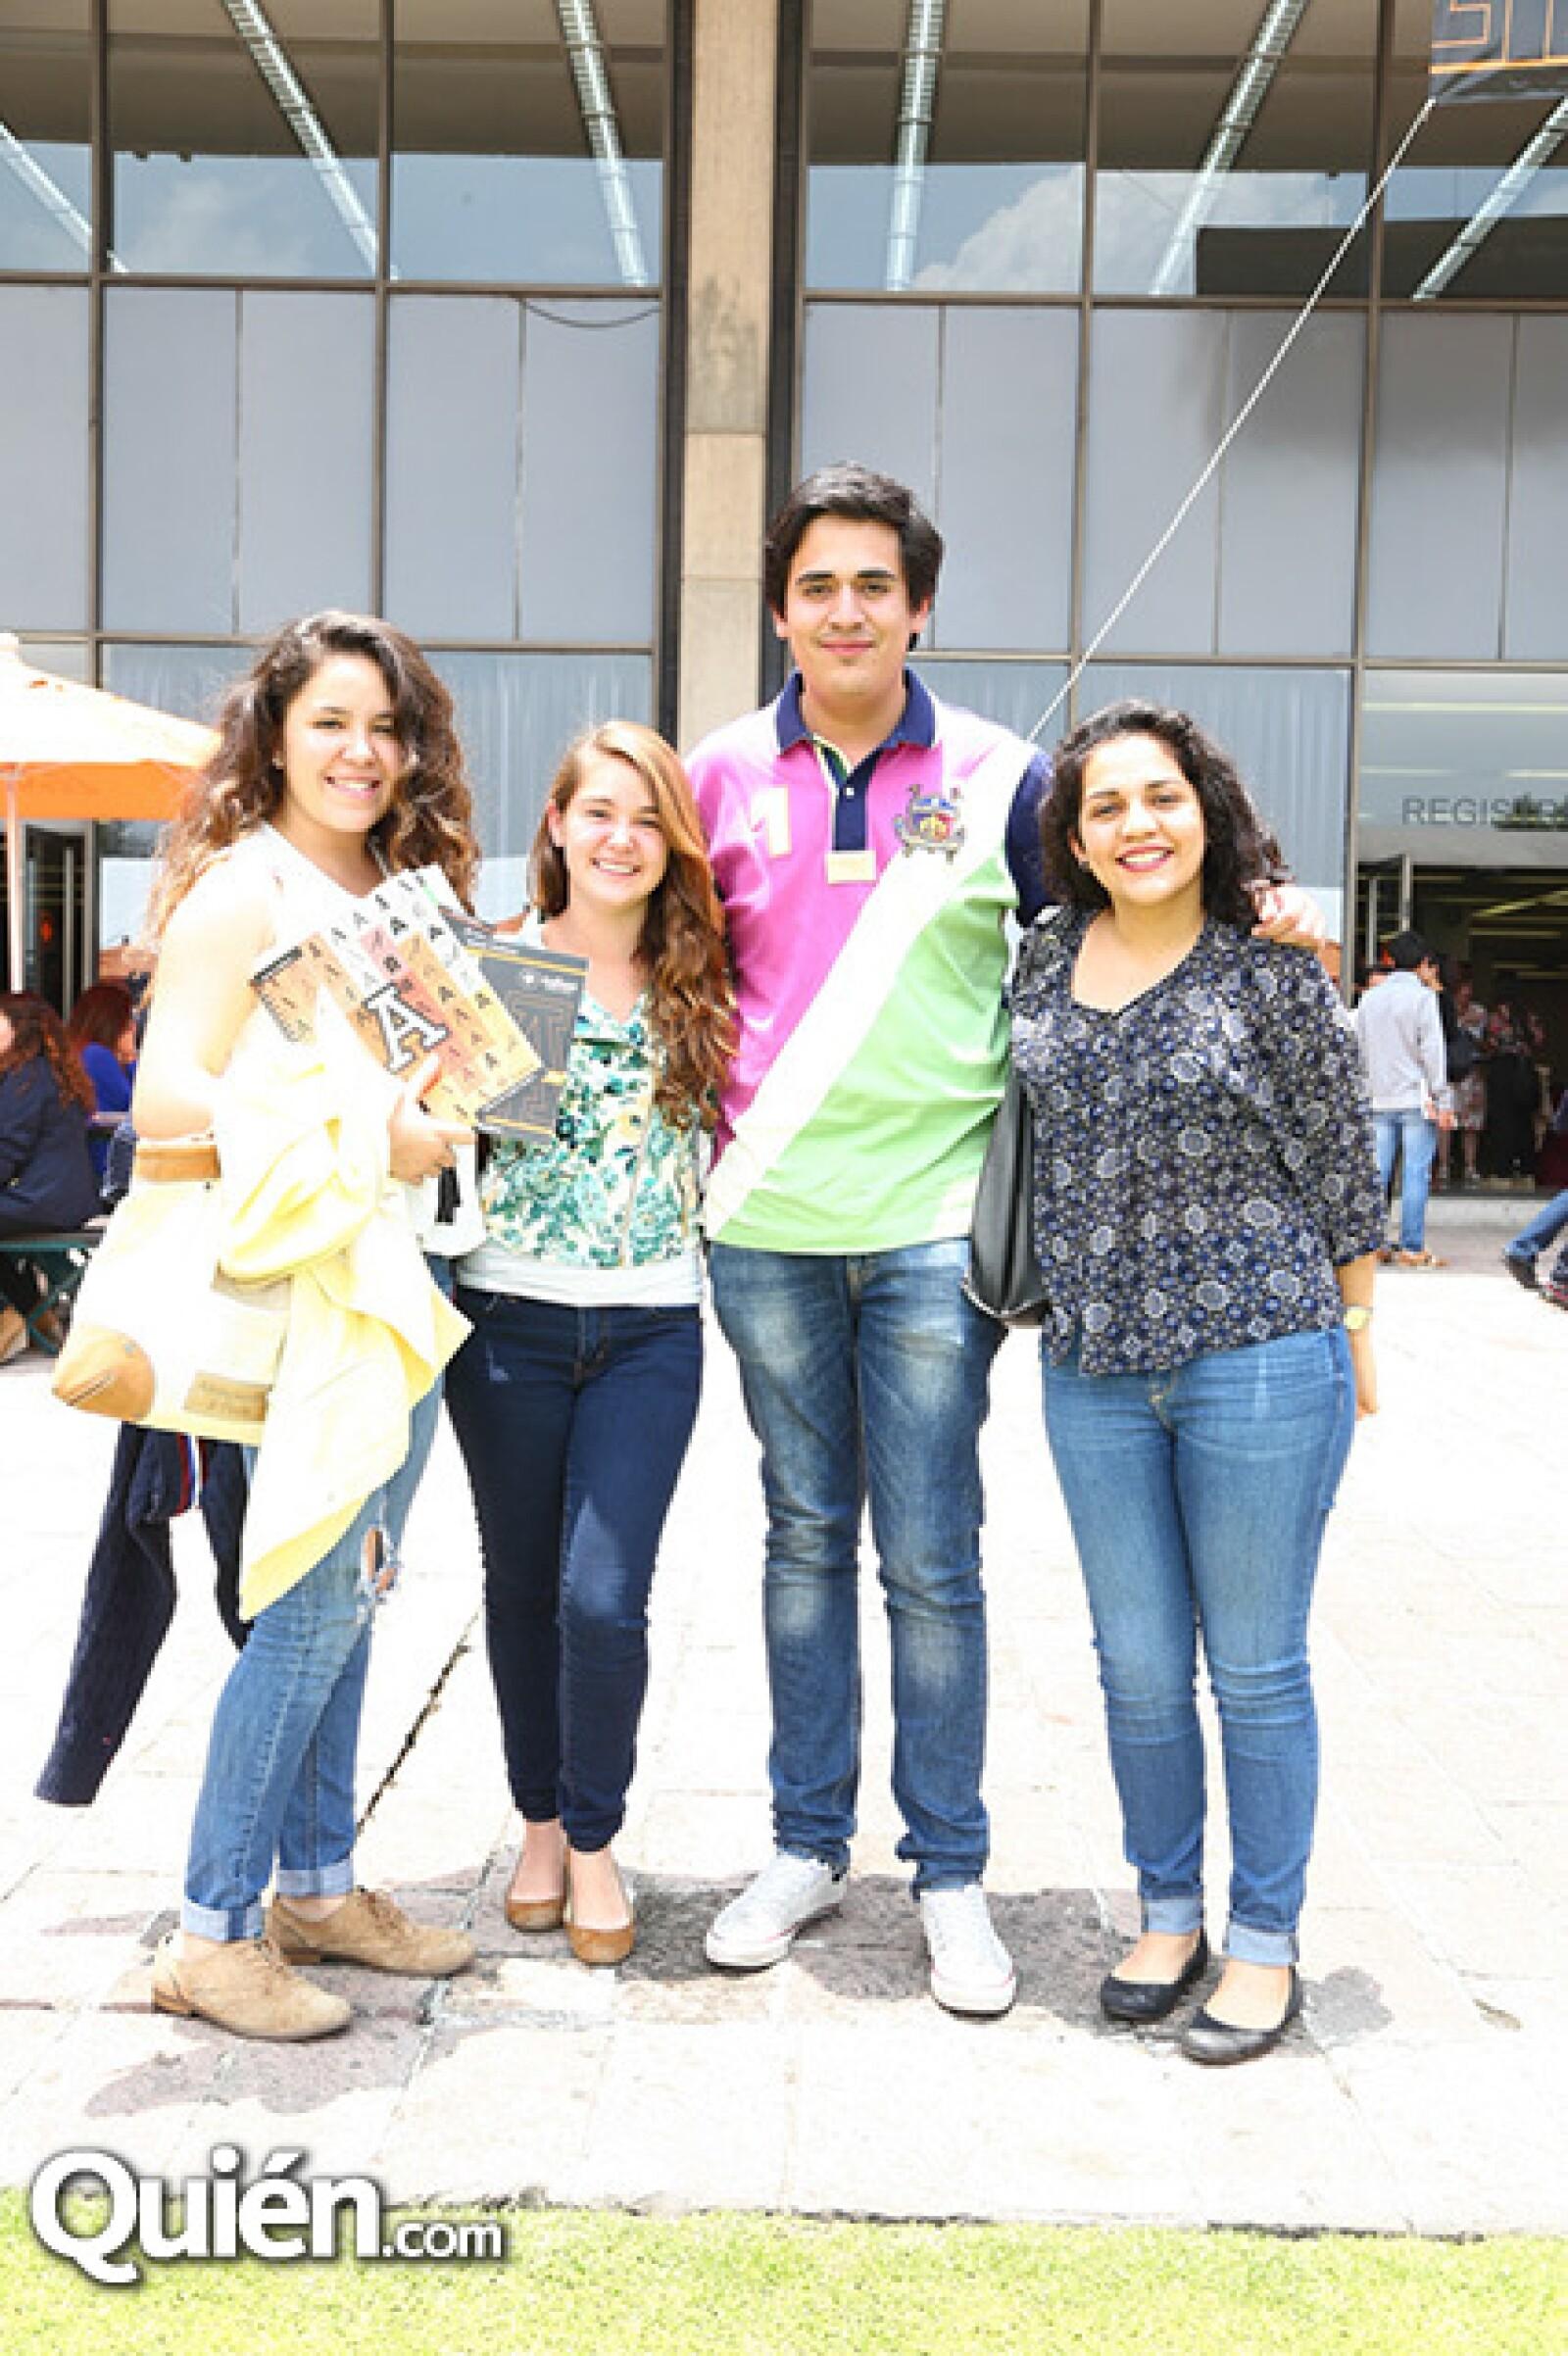 Fernanda Alcalá, Olivia Urdiales, Rodrigo Sánchez y Valeria Yáñez